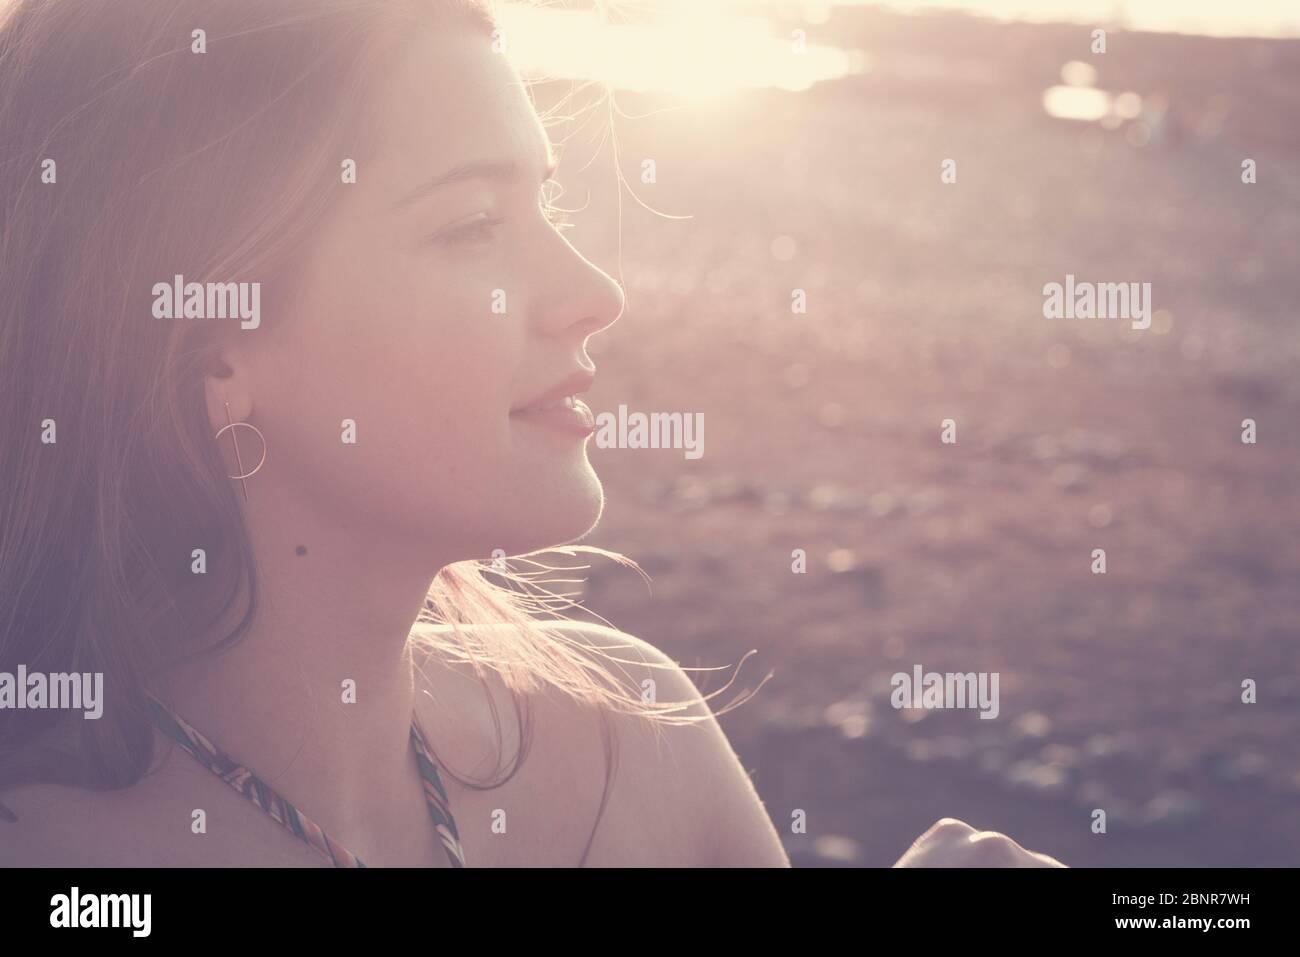 Maravillosa joven caucásica chica en colores vintage soleado retrato - caucásica modelo de belleza femenina con el sol en contraluz y fondo - al aire libre actividad dama Foto de stock